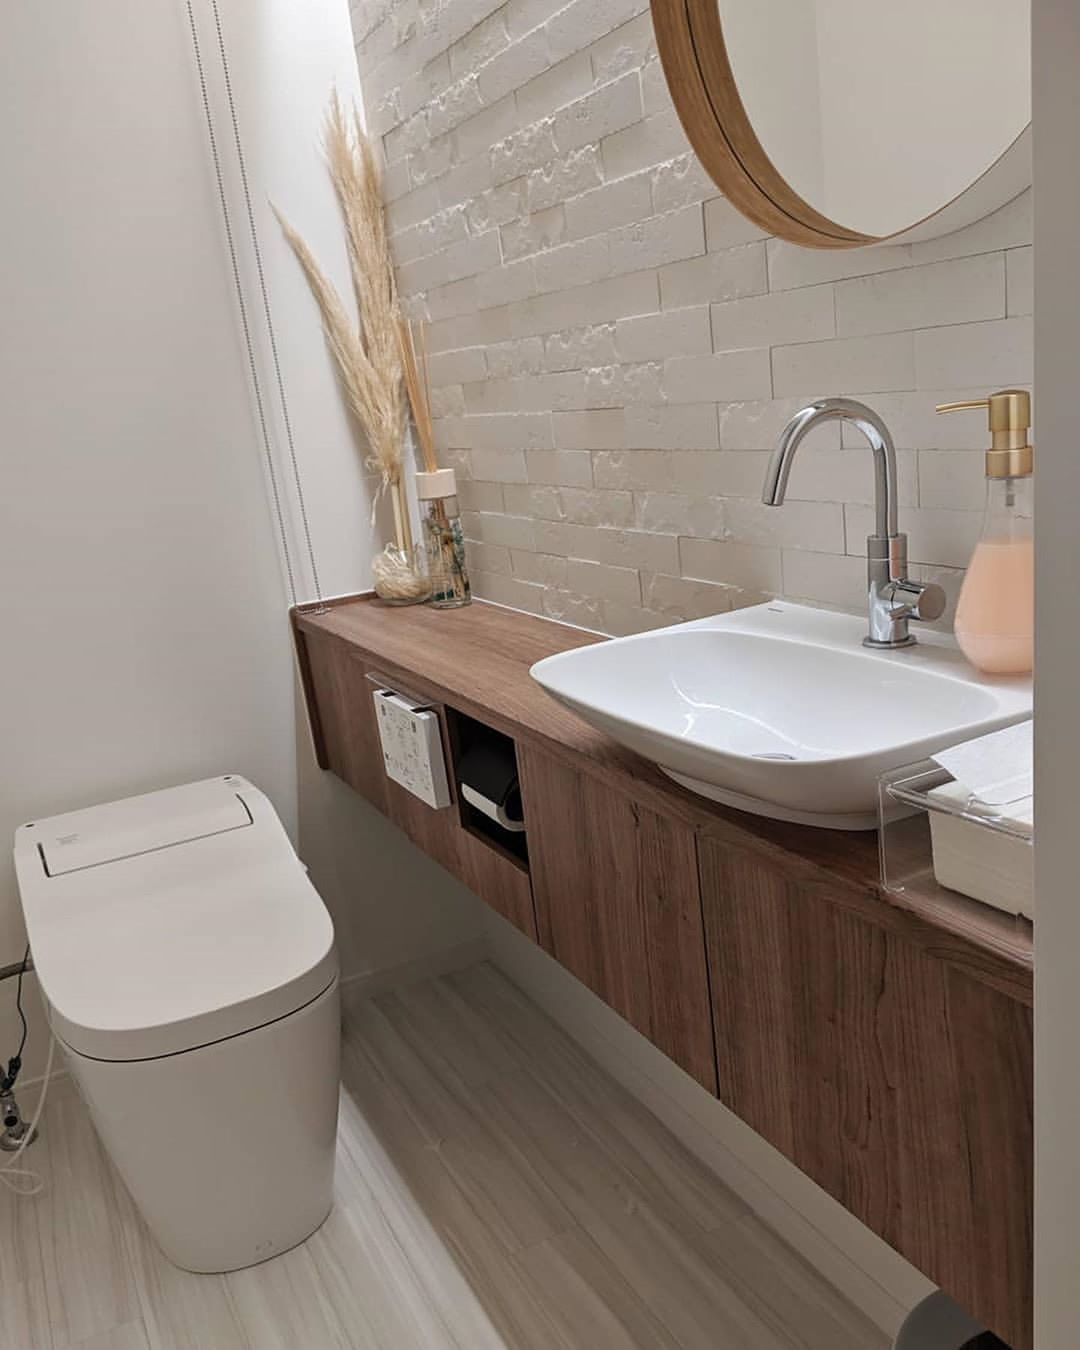 トイレリフォームでオシャレに デザインのポイントと真似したい事例 Diyer S リノベと暮らしとdiy